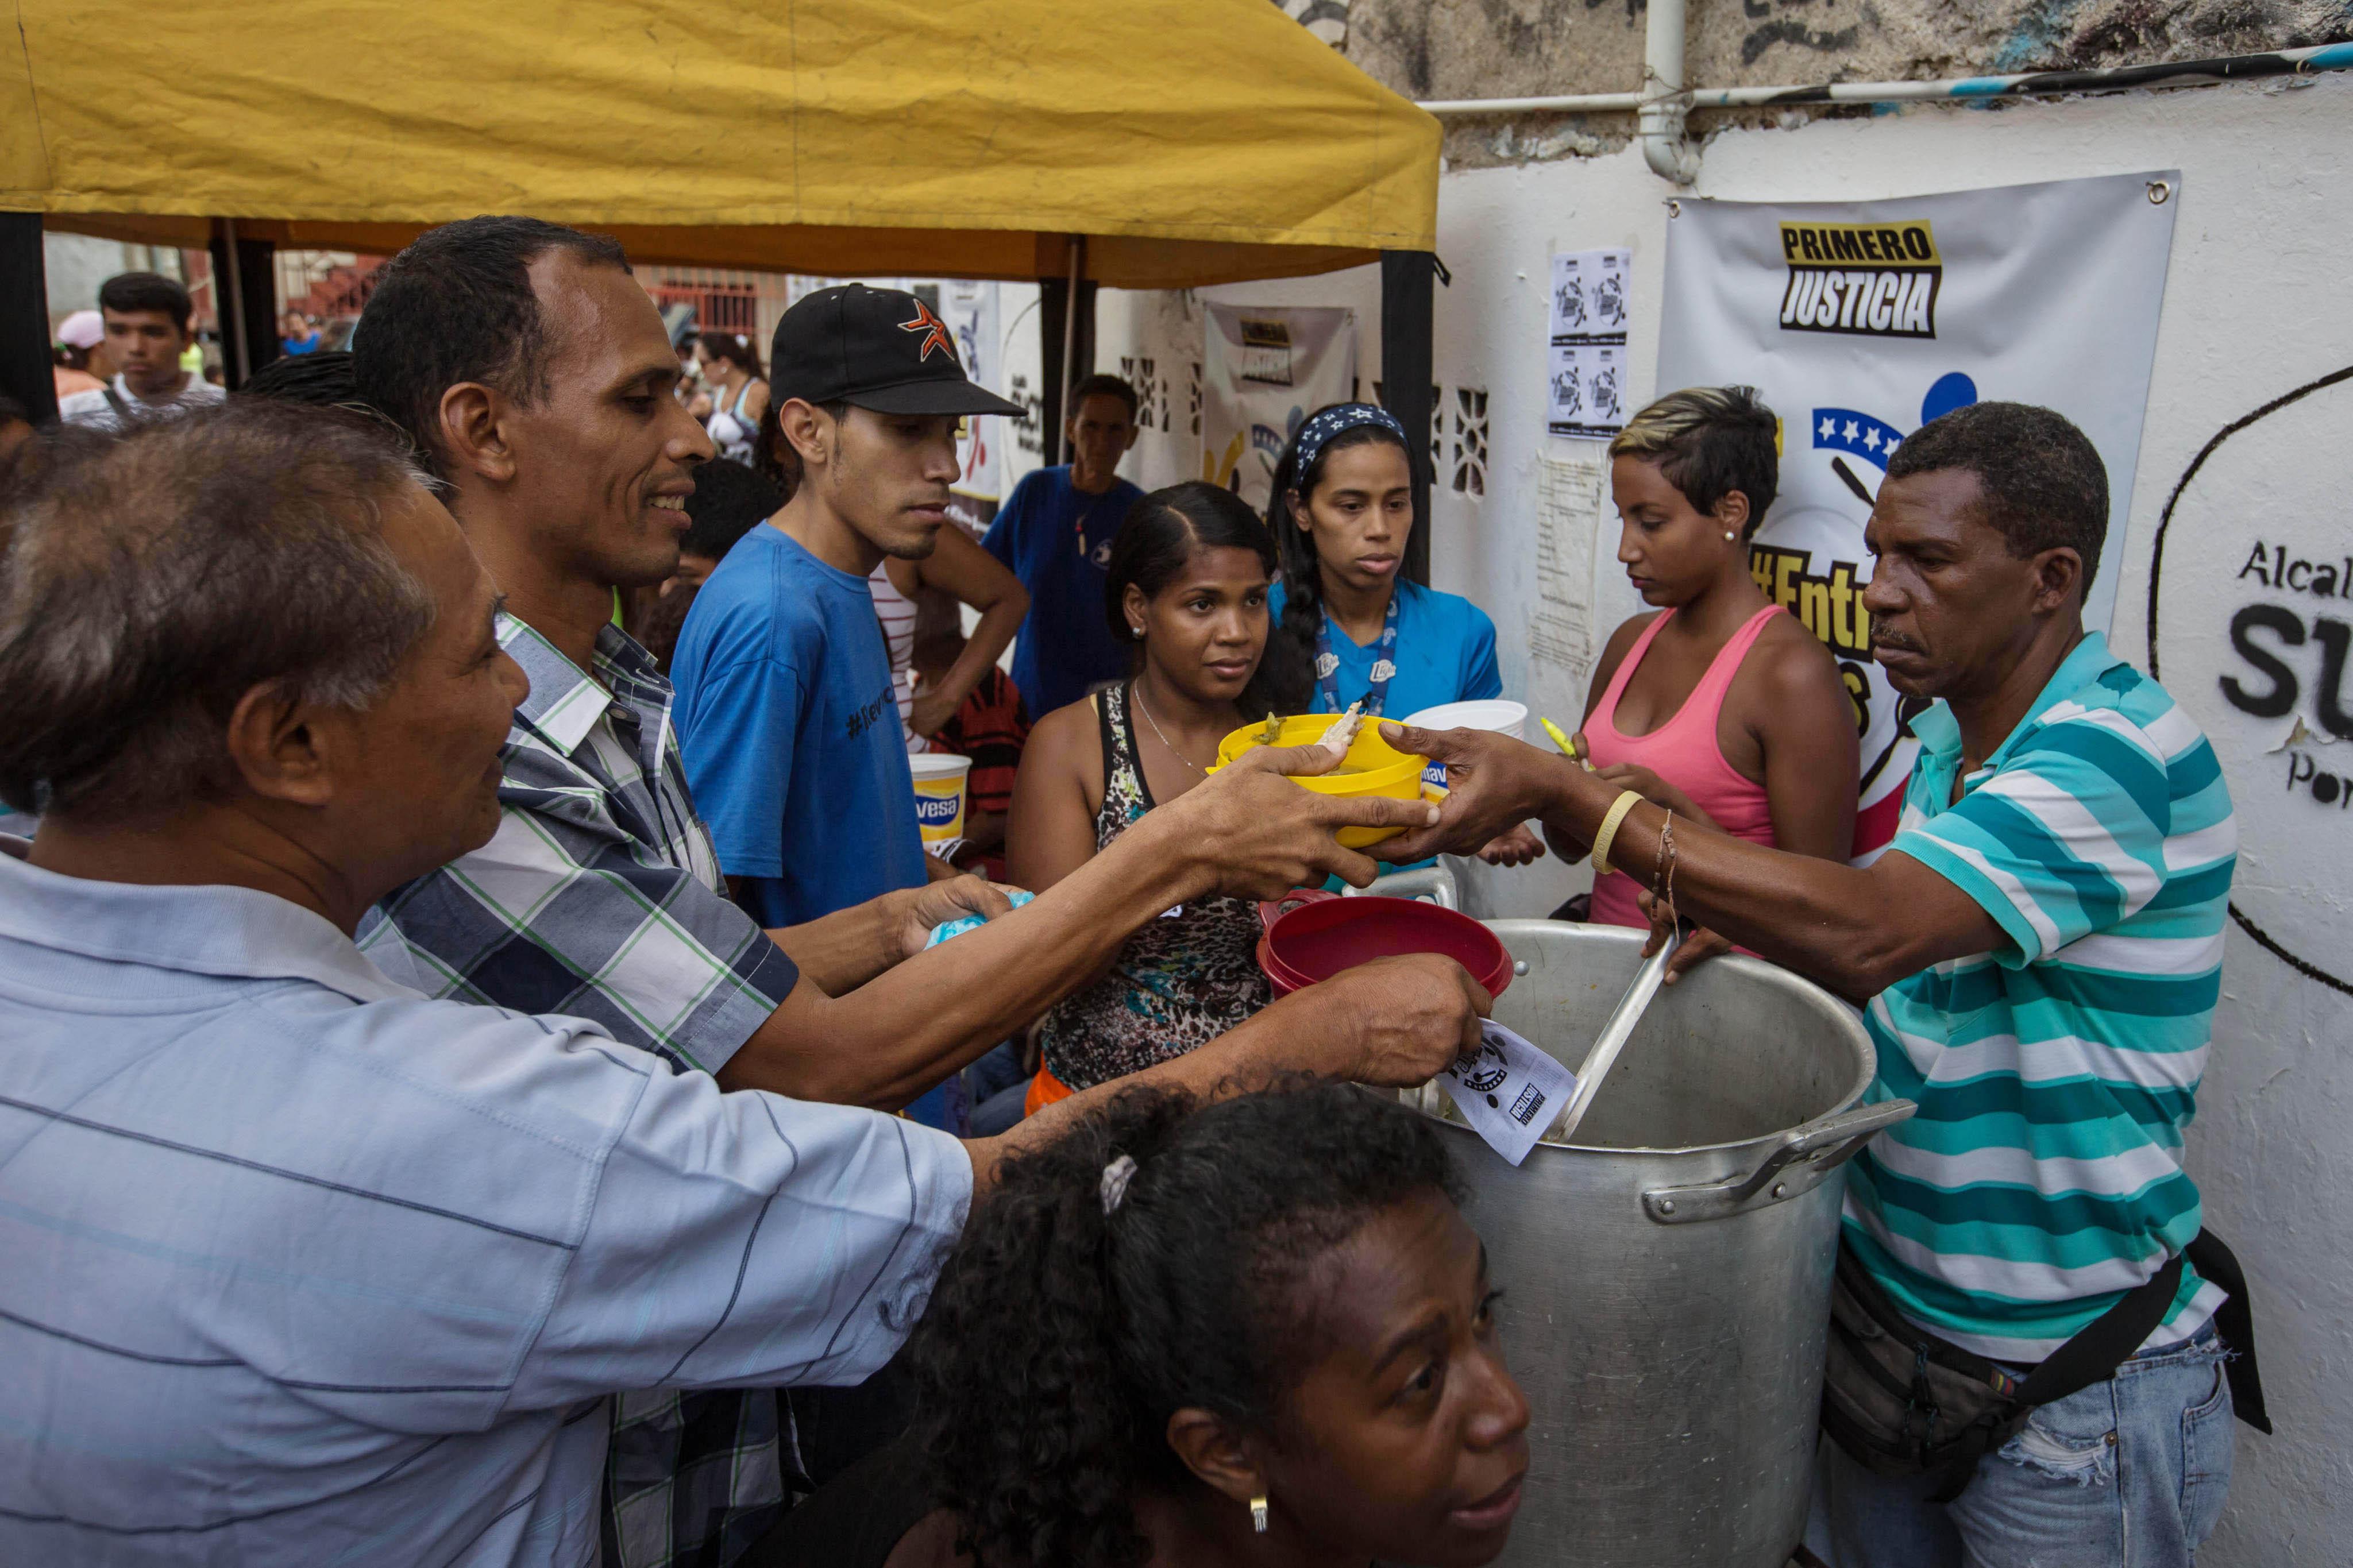 """CAR08. CARACAS (VENEZUELA), 10/09/2016.- Habitantes comen de un sancocho comunal hoy, s·bado 10 de septiembre del 2016, en la ciudad de Caracas (Venezuela). En el barrio la UniÛn, ubicado en la favela m·s grande de AmÈrica Latina asentada en el este de Caracas, se preparÛ hoy un gran """"sancocho"""" como se le conoce en Venezuela a la sopa cocinada con varios tipos de verduras y carnes, para alimentar a los vecinos, muchos de ellos con varios dÌas de hambre. EFE/MIGUEL GUTI…RREZ"""